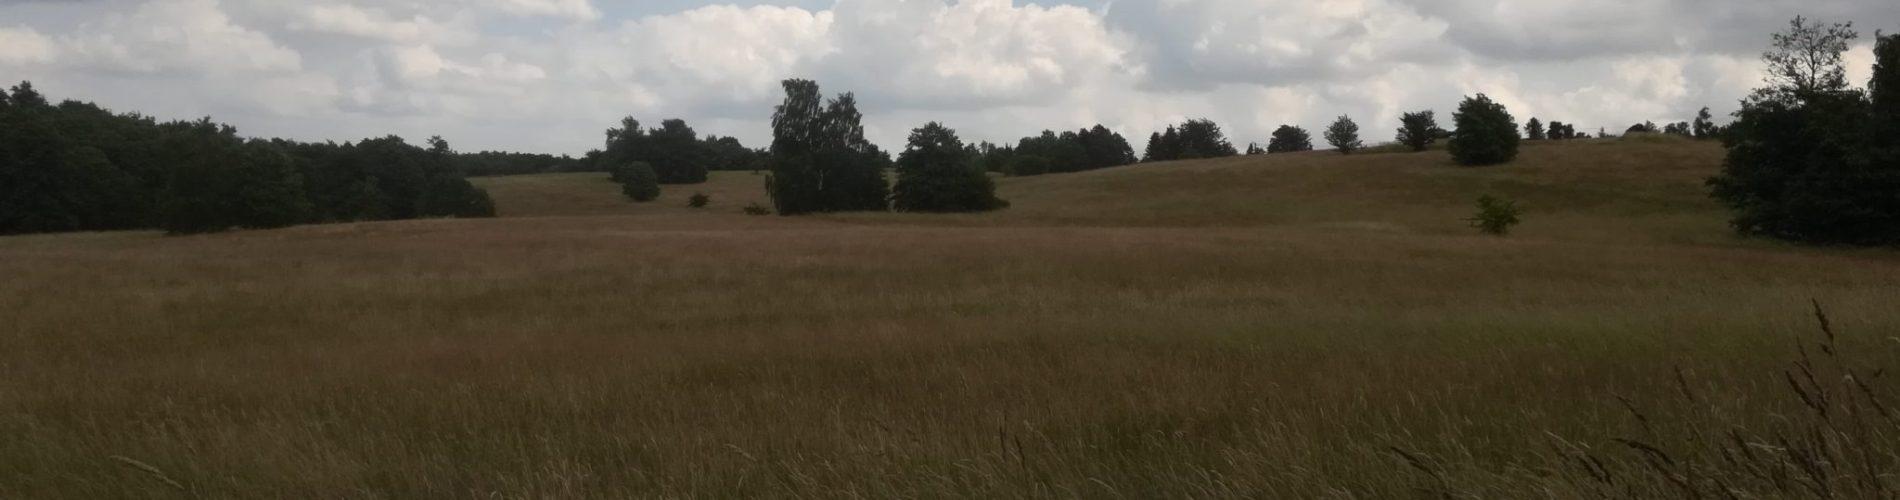 Udsigt over Baunesletten set fra den lavest liggende del af området.